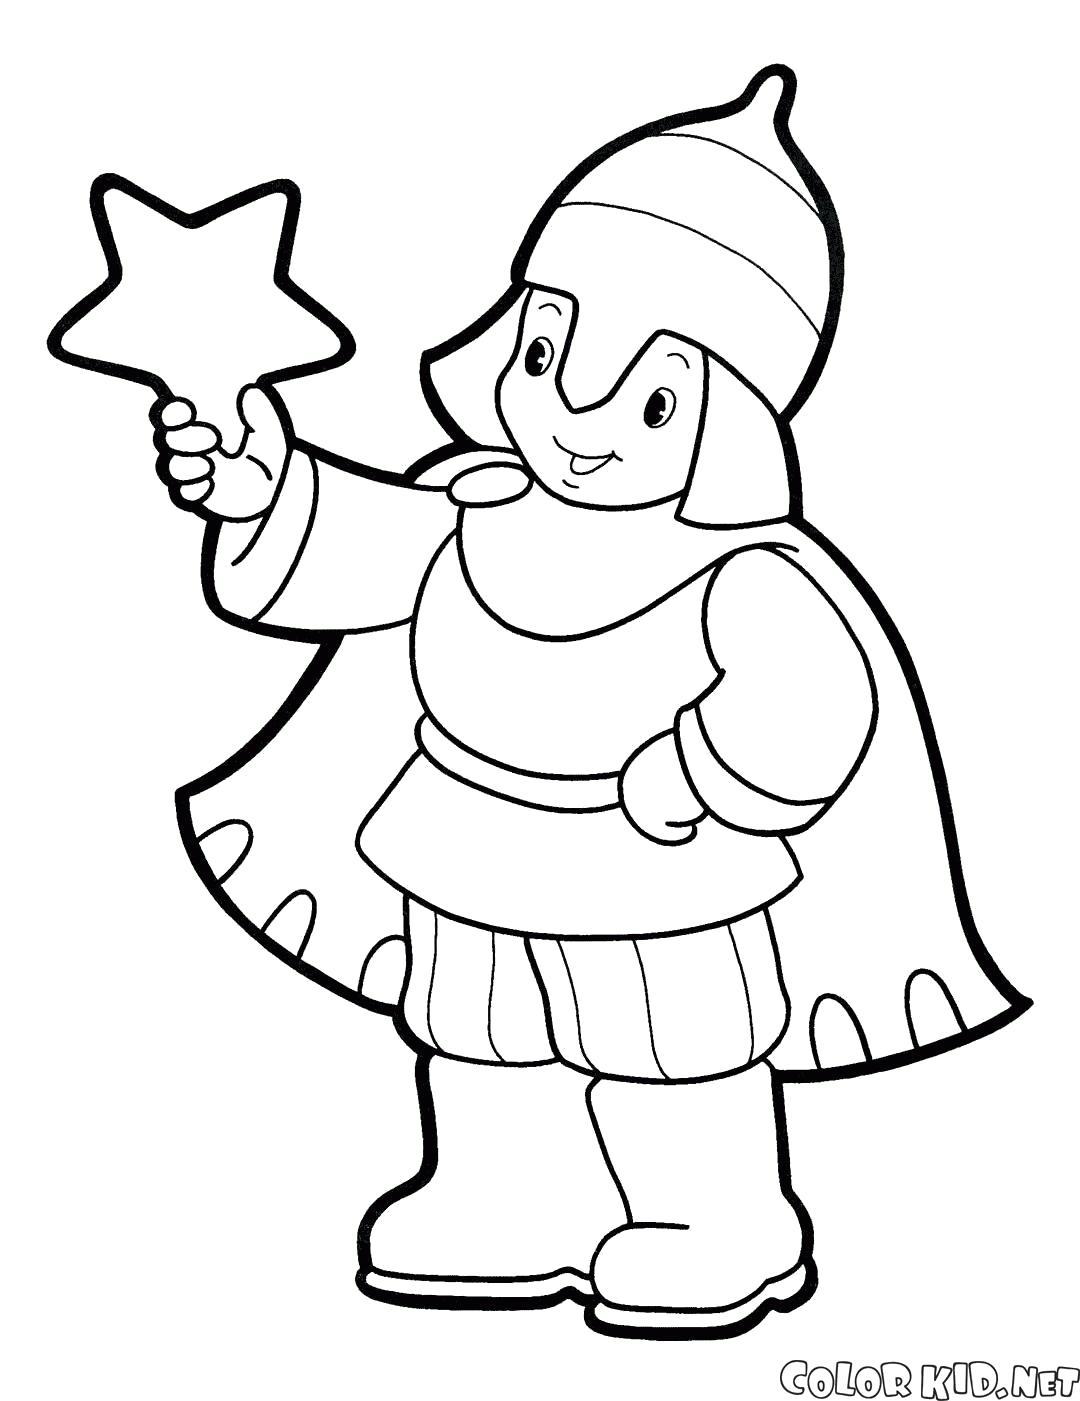 Раскраска Новогодний костюм богатыря. Скачать костюм.  Распечатать костюм